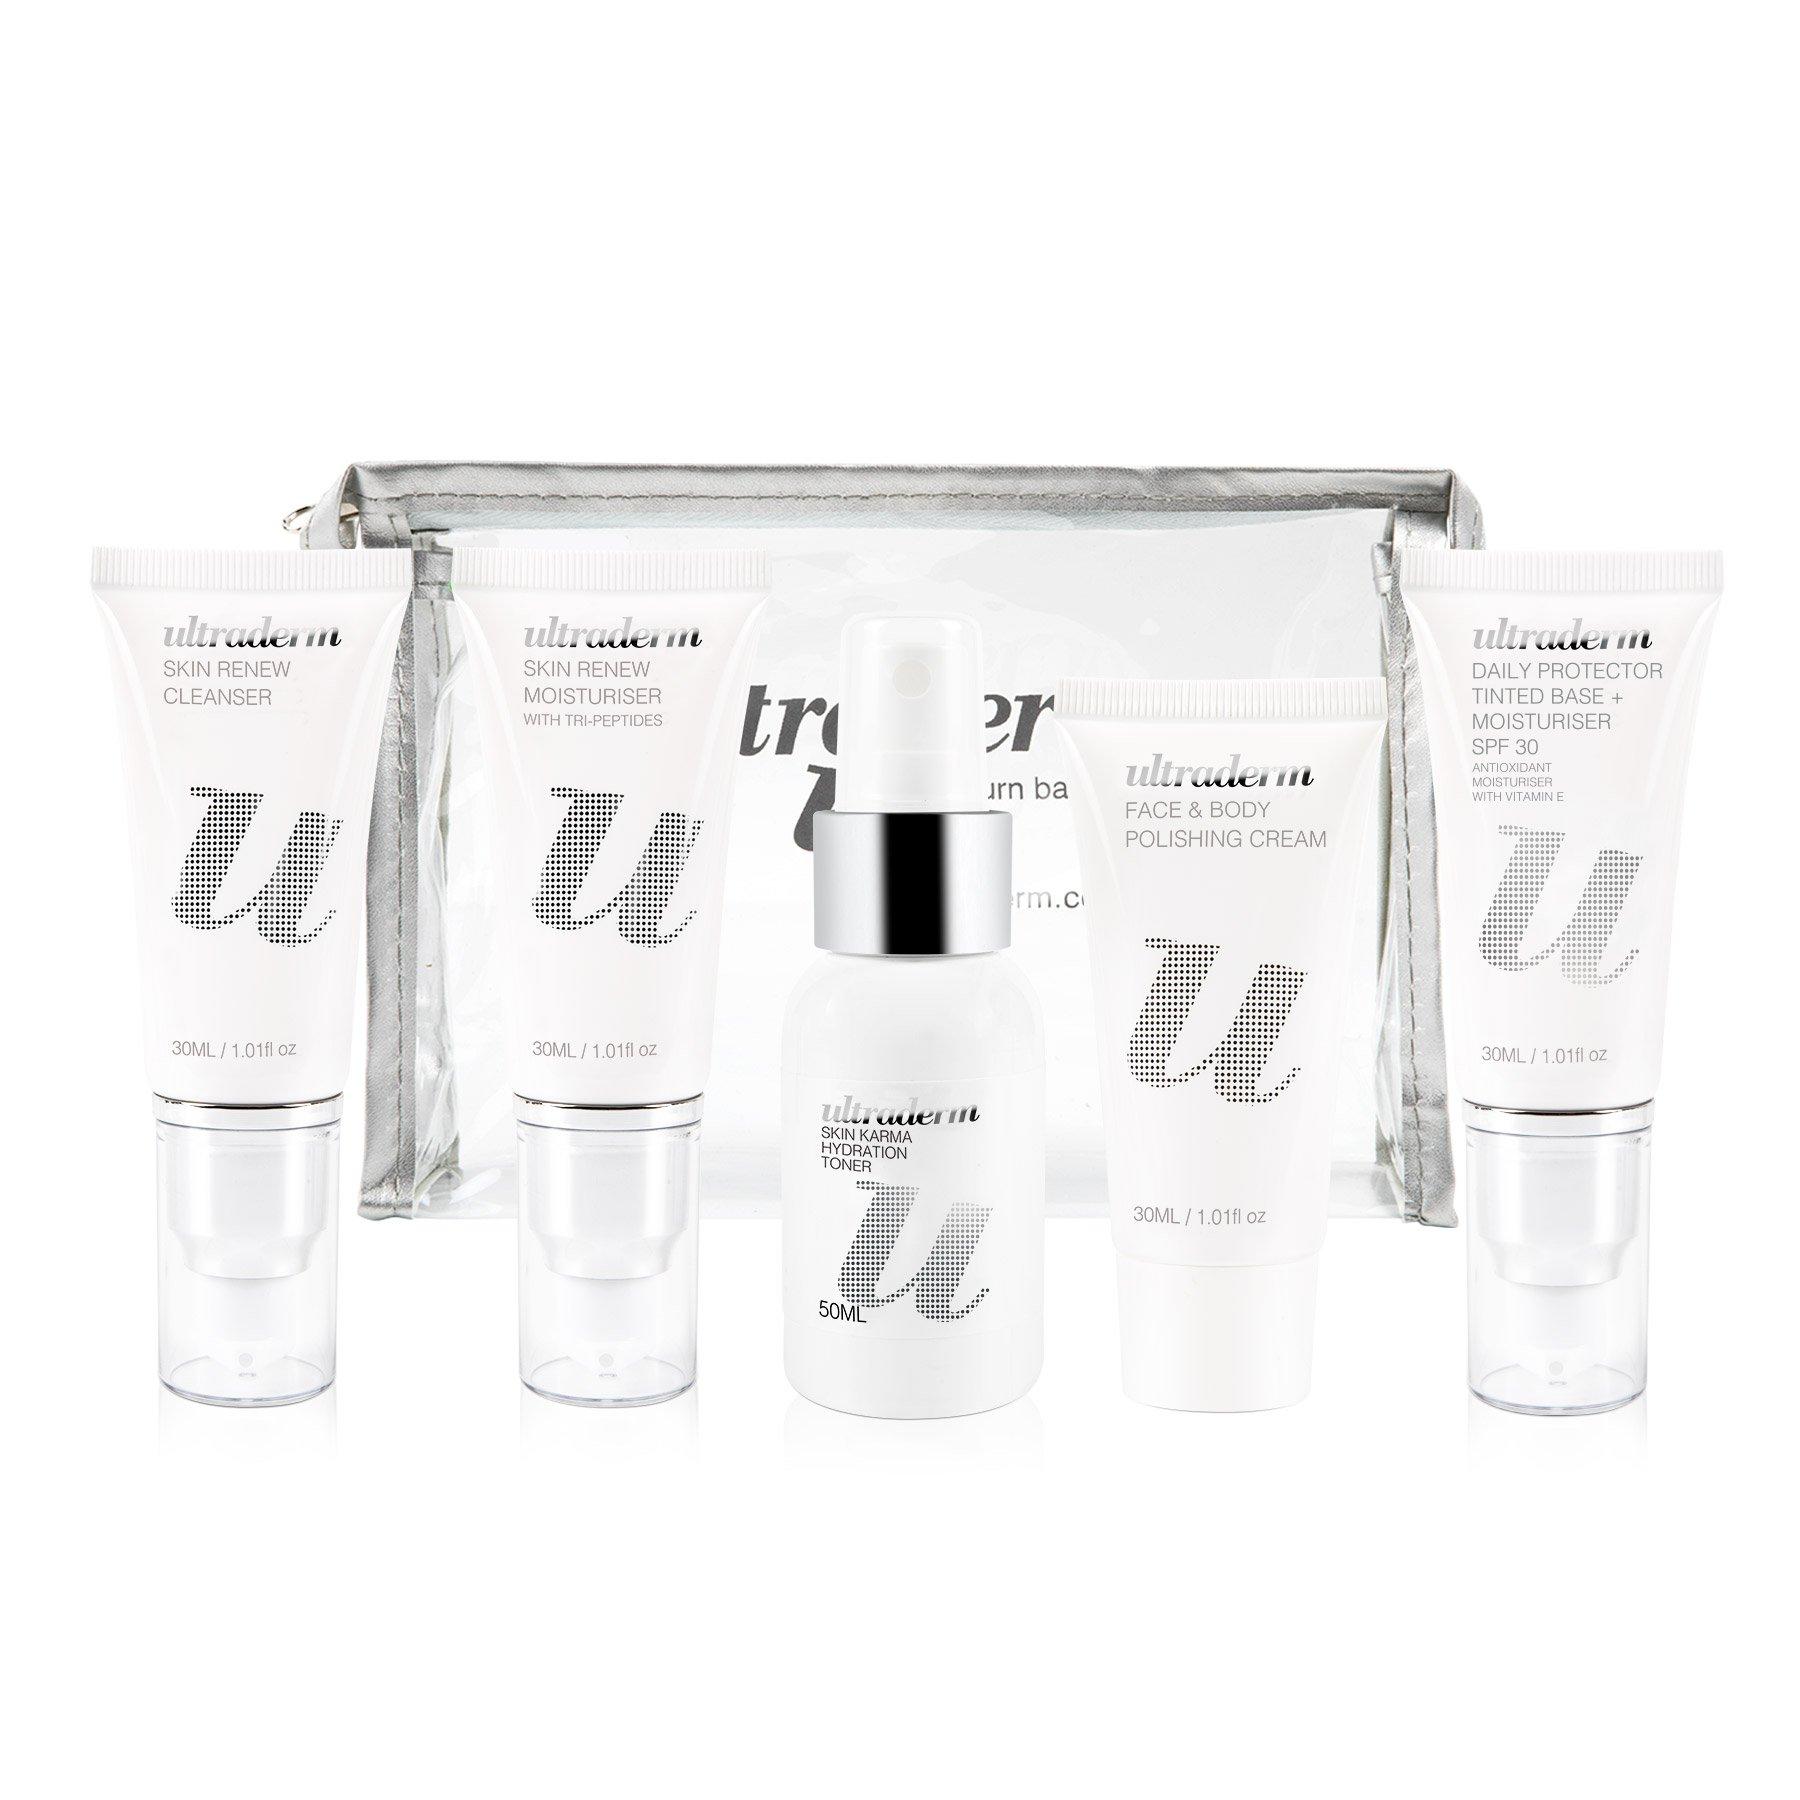 UltraDerm Skin Renew Mini Kit